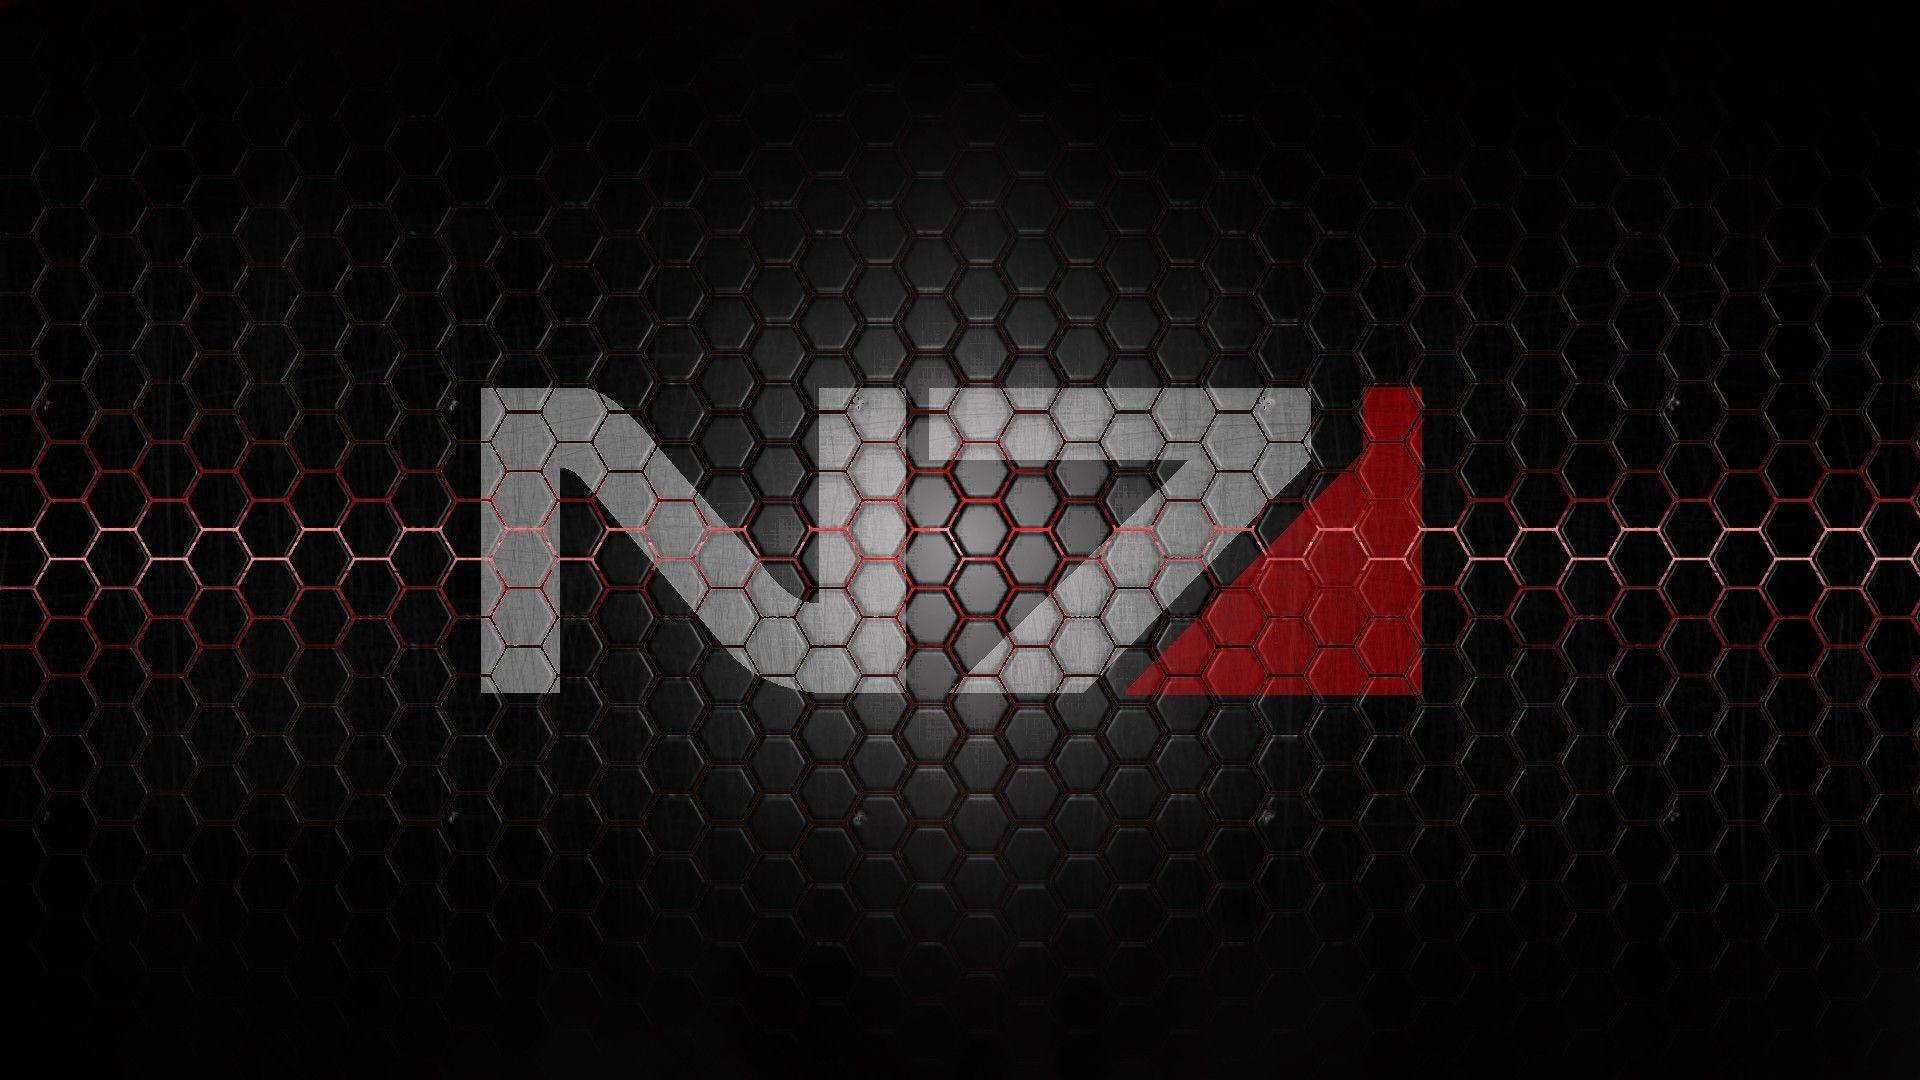 Mass Effect N7 Wallpaper в 2019 г